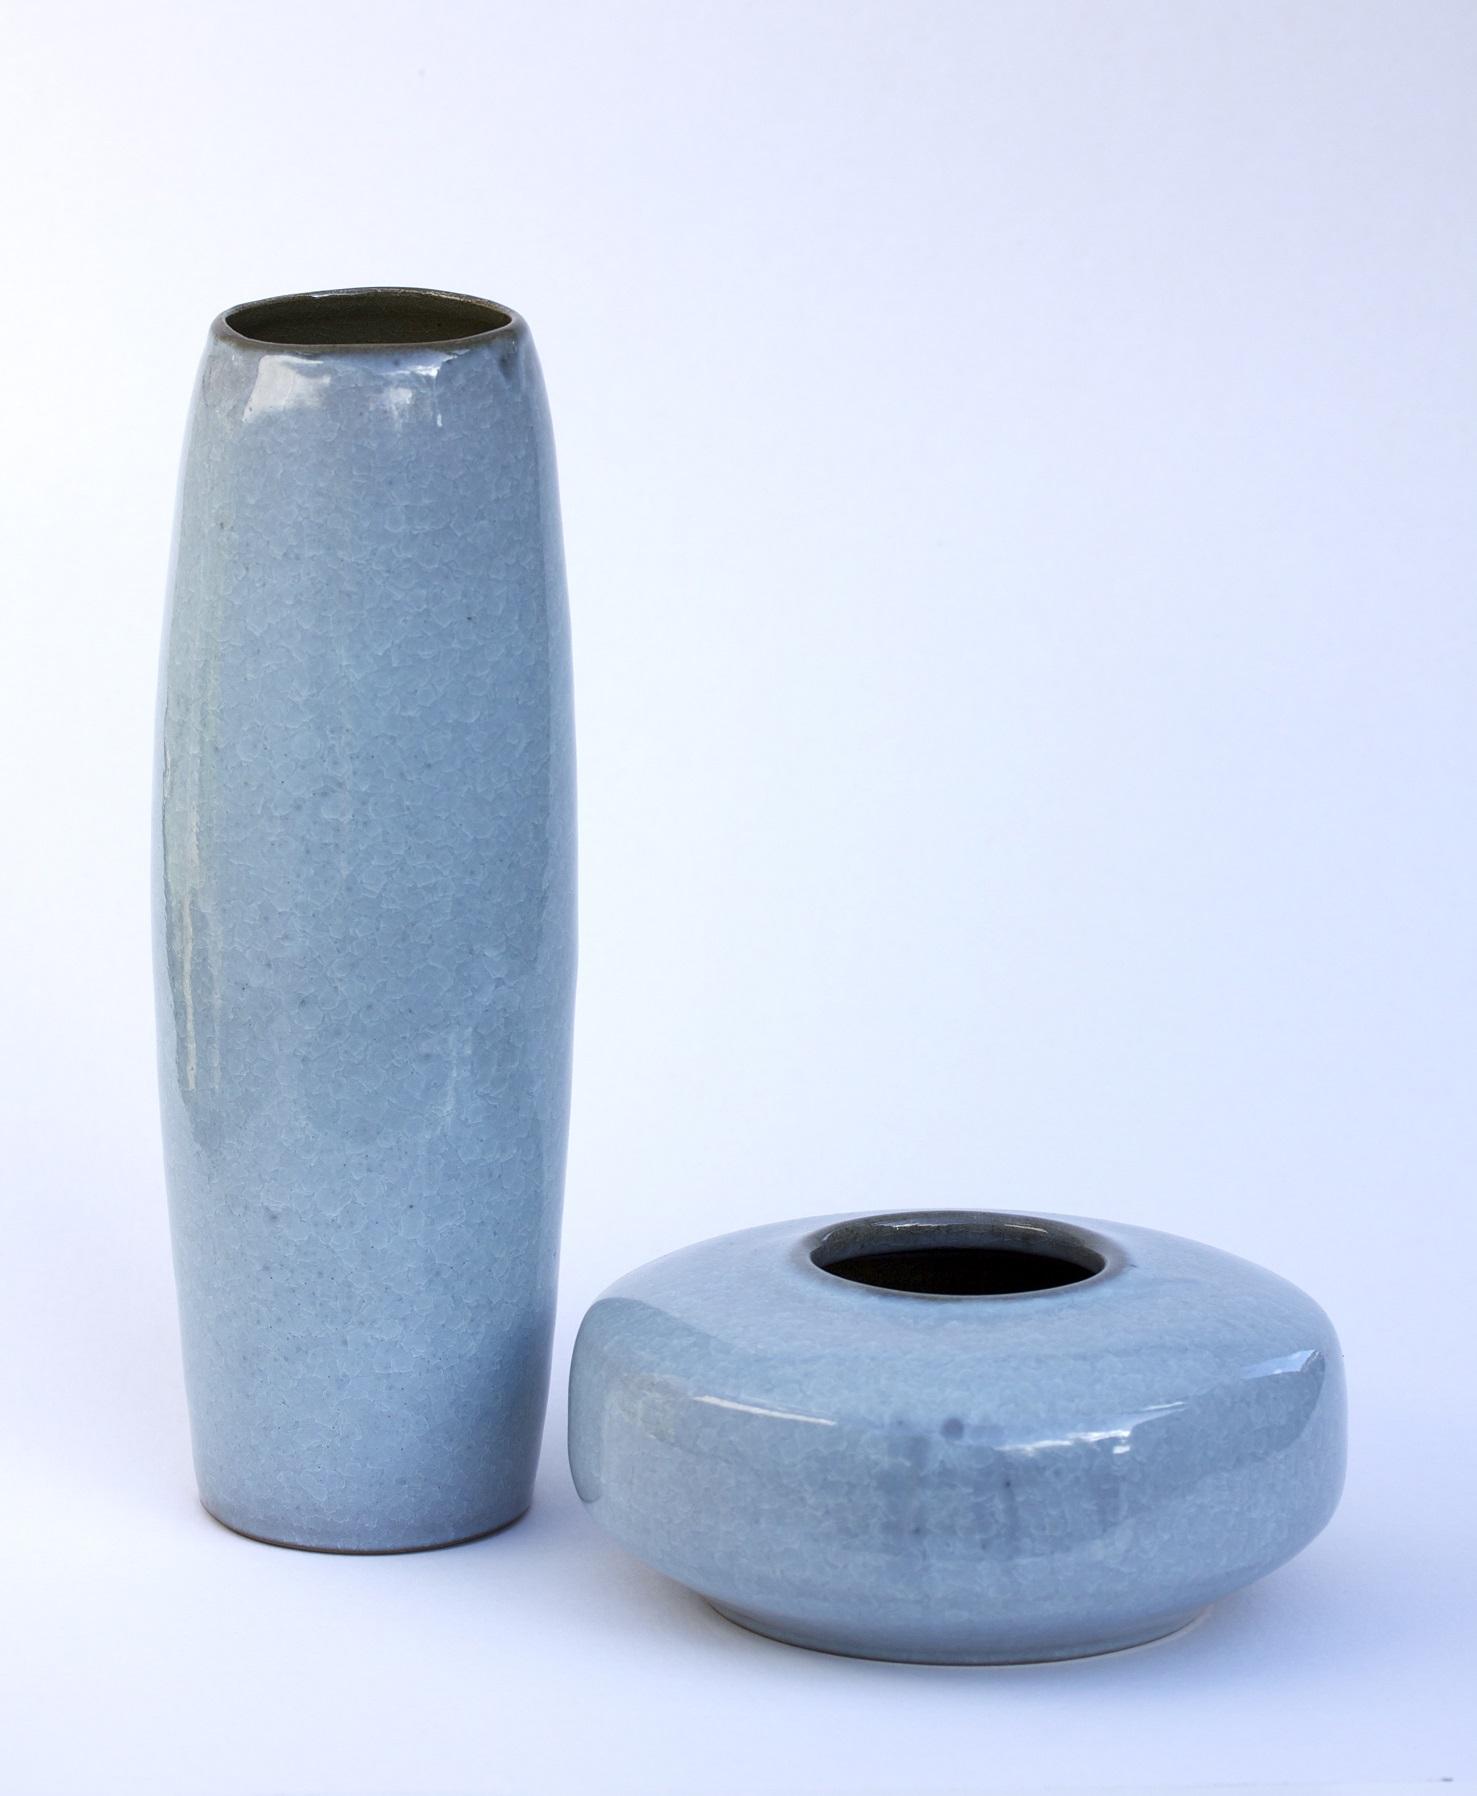 Vase Series, fishscale glaze, varying sizes, 300mm h.jpg